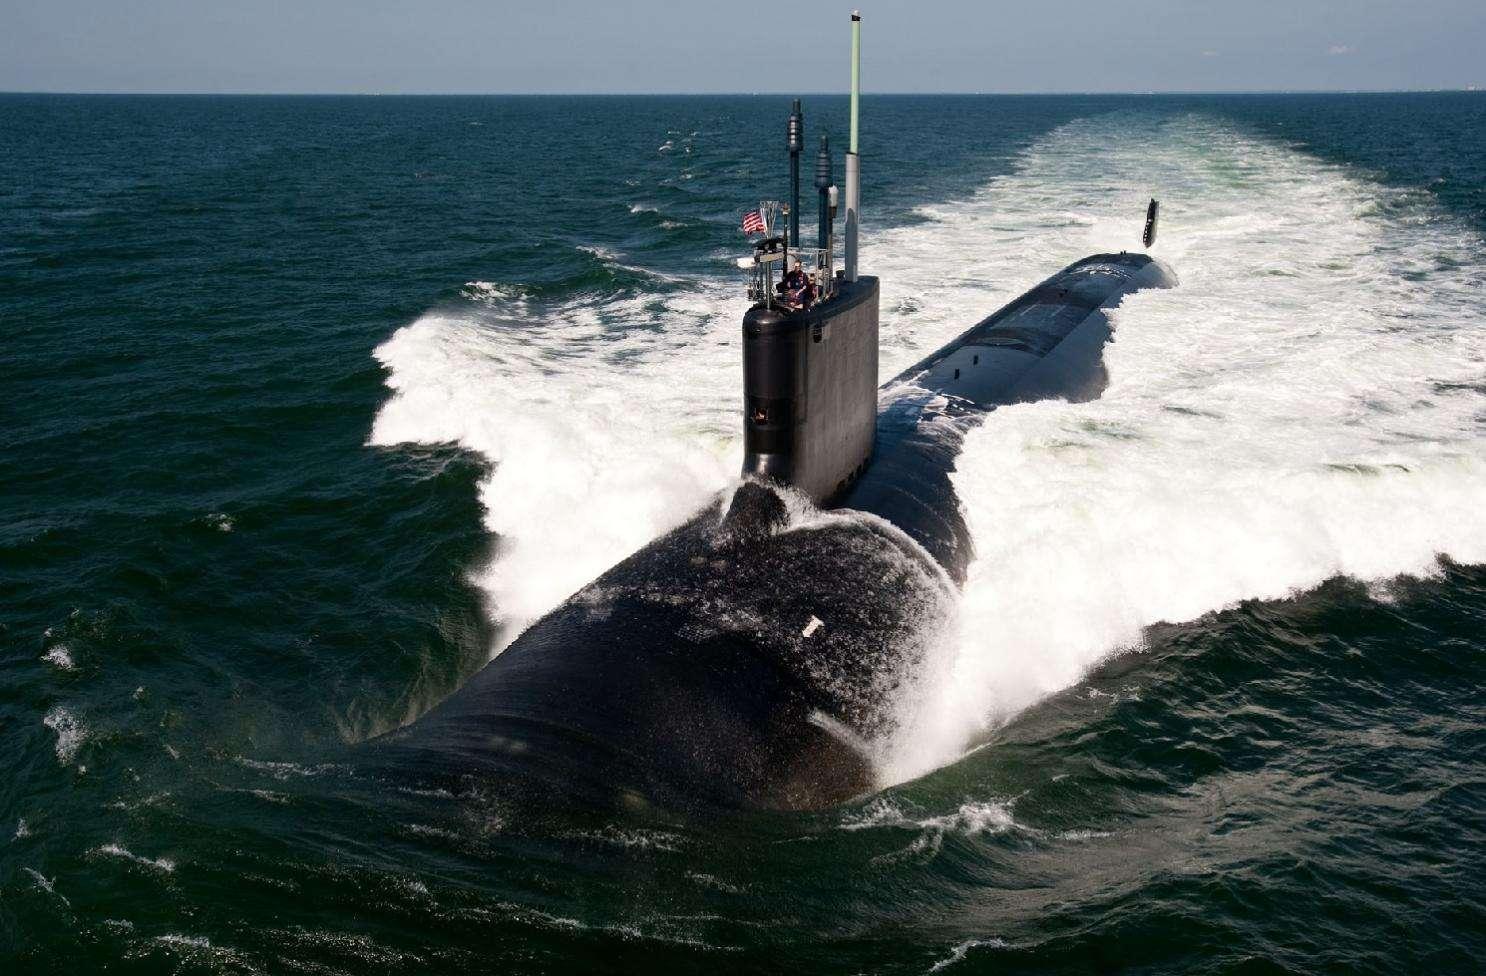 越南人:MK-48只能实现美国一半的雄心壮志!另一半或许要靠中国